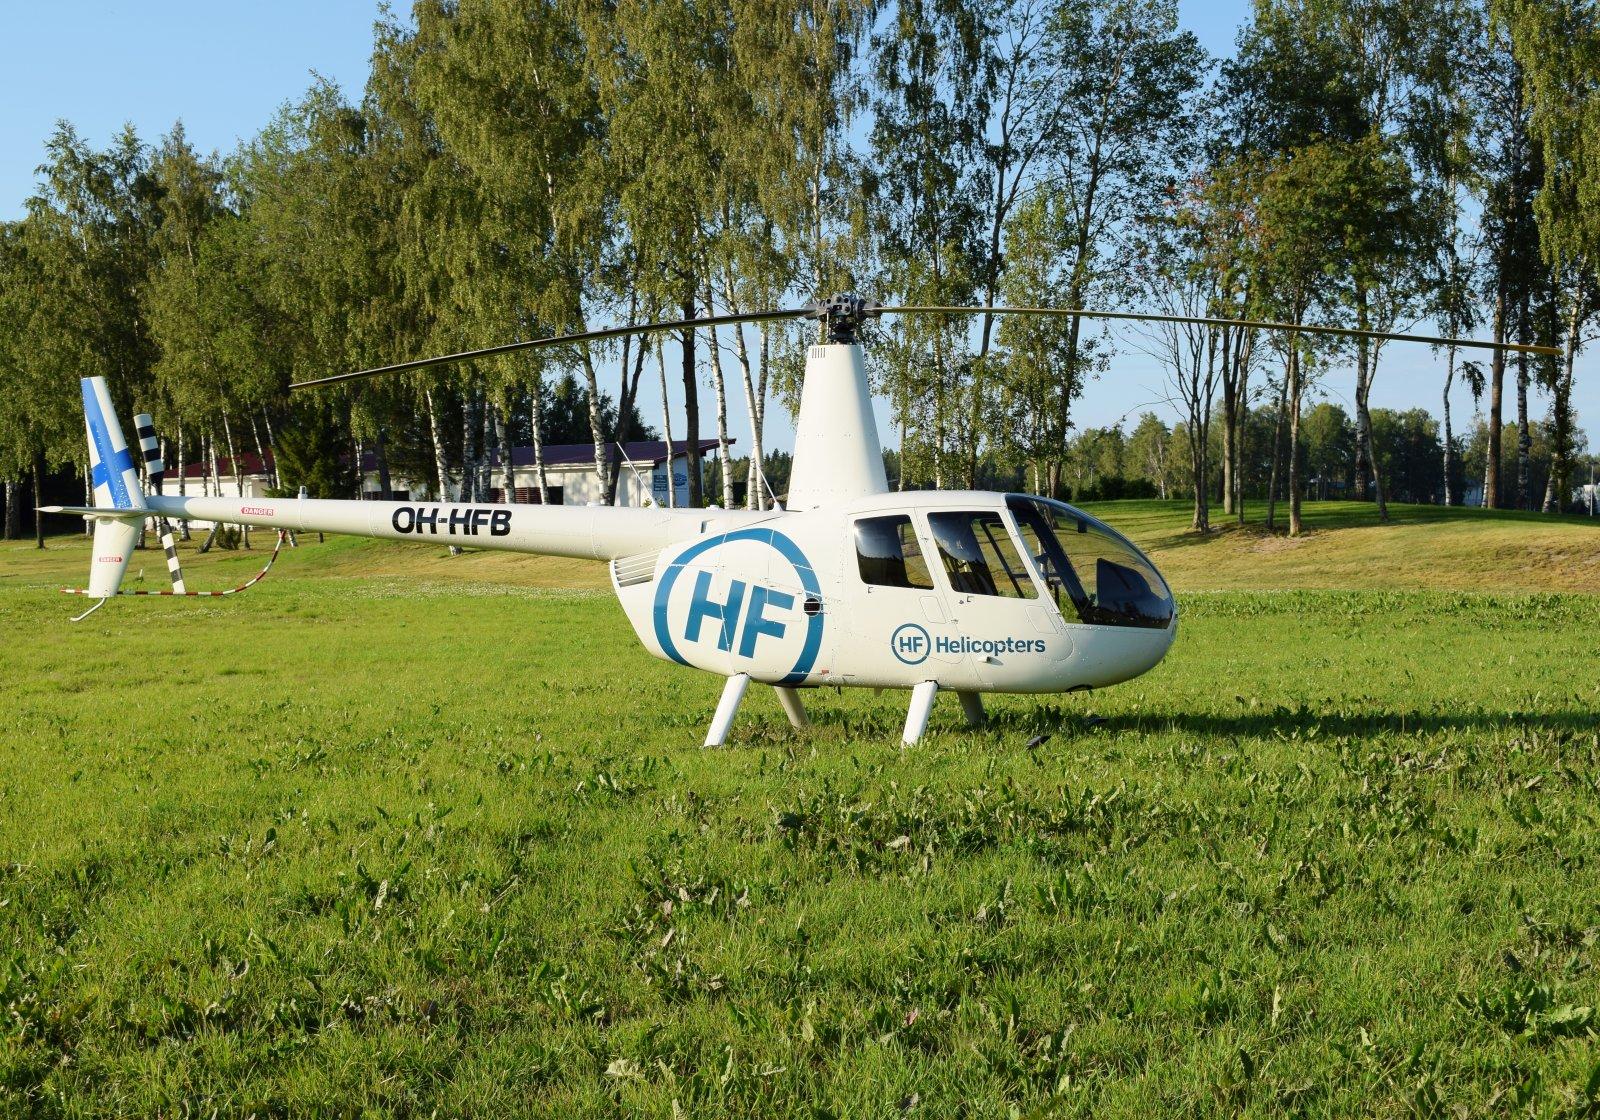 OH-HFB - Robinson R44 - HF Helicopters - 23.7.2019 Vaasan golfkentällä